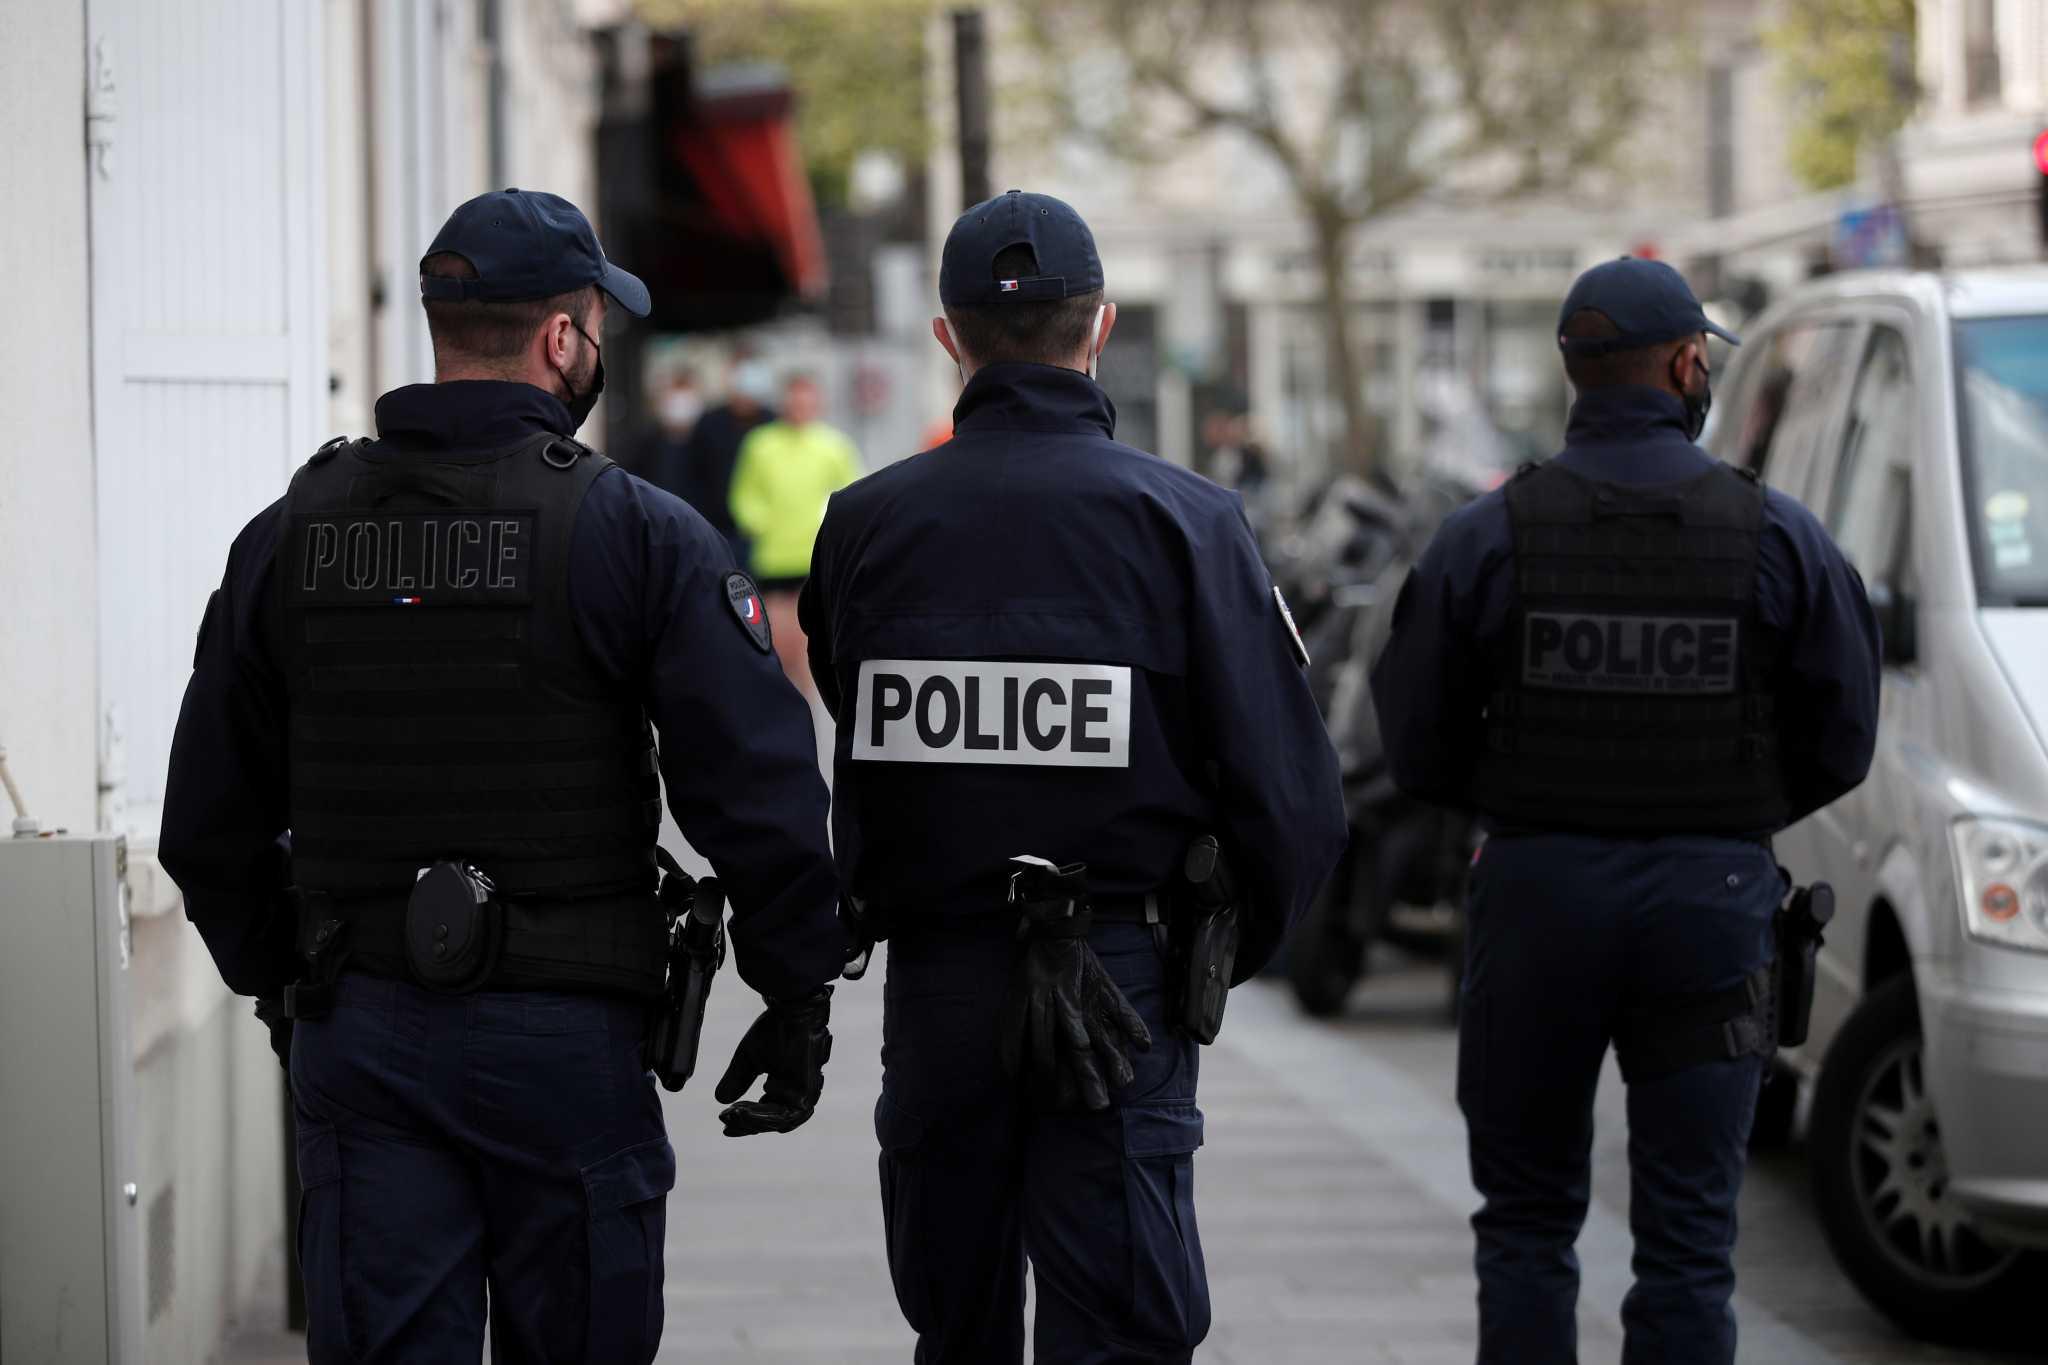 Νέο περιστατικό επίθεσης με μαχαίρι στην Γερμανία – Διαφεύγει ο ύποπτος